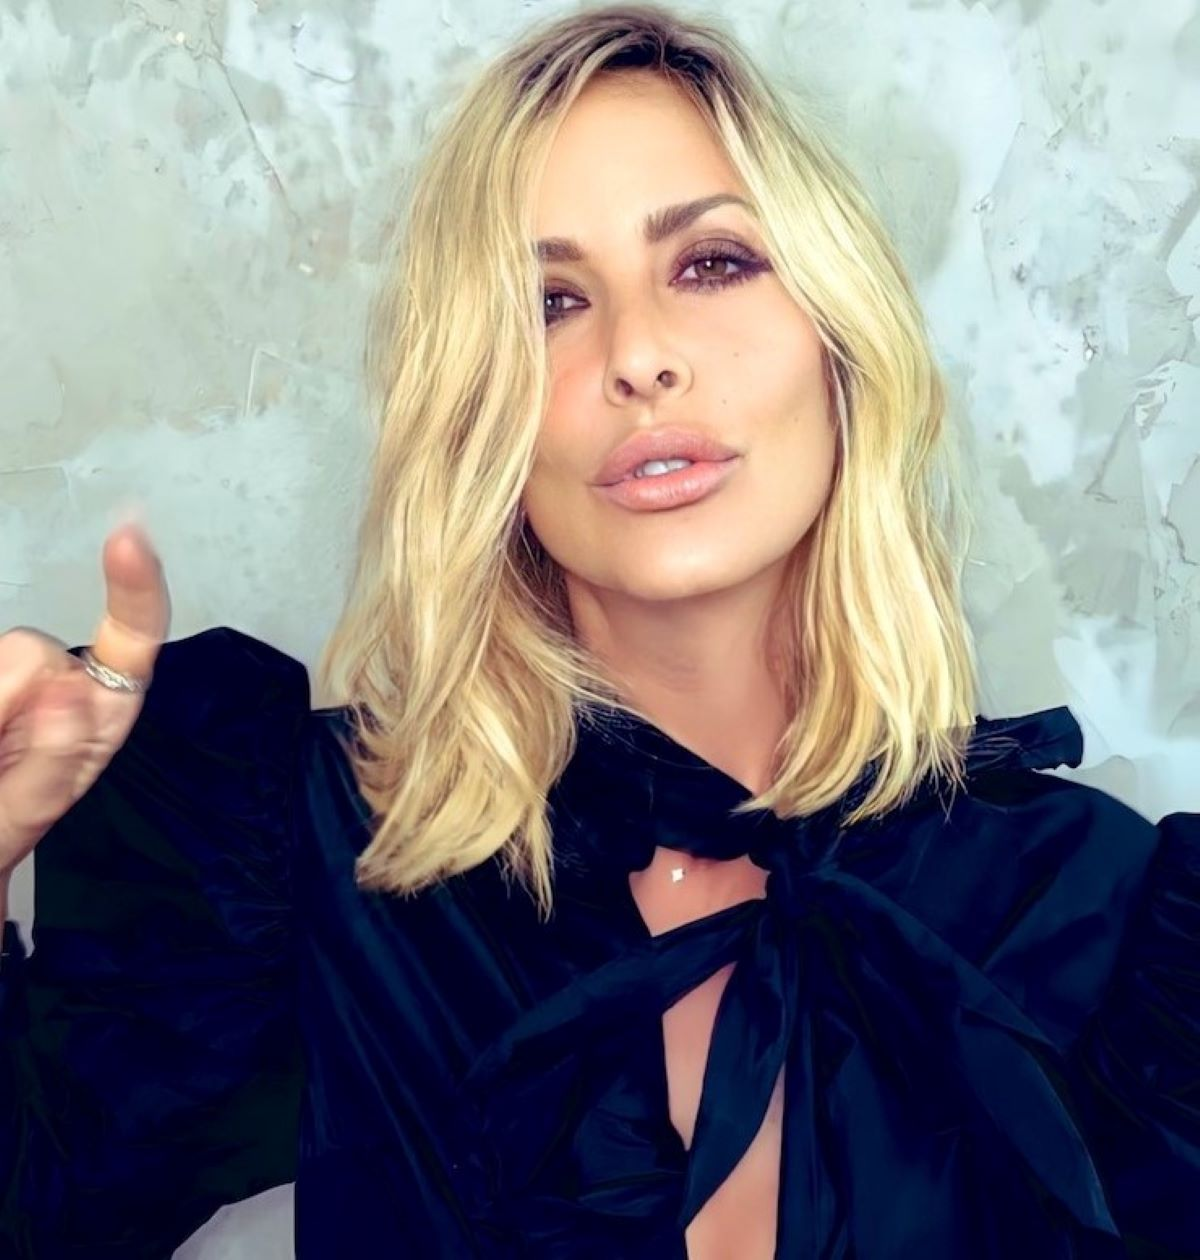 Stefania Orlando Attacco Vende Materassi Ex Marito Andrea Roncato